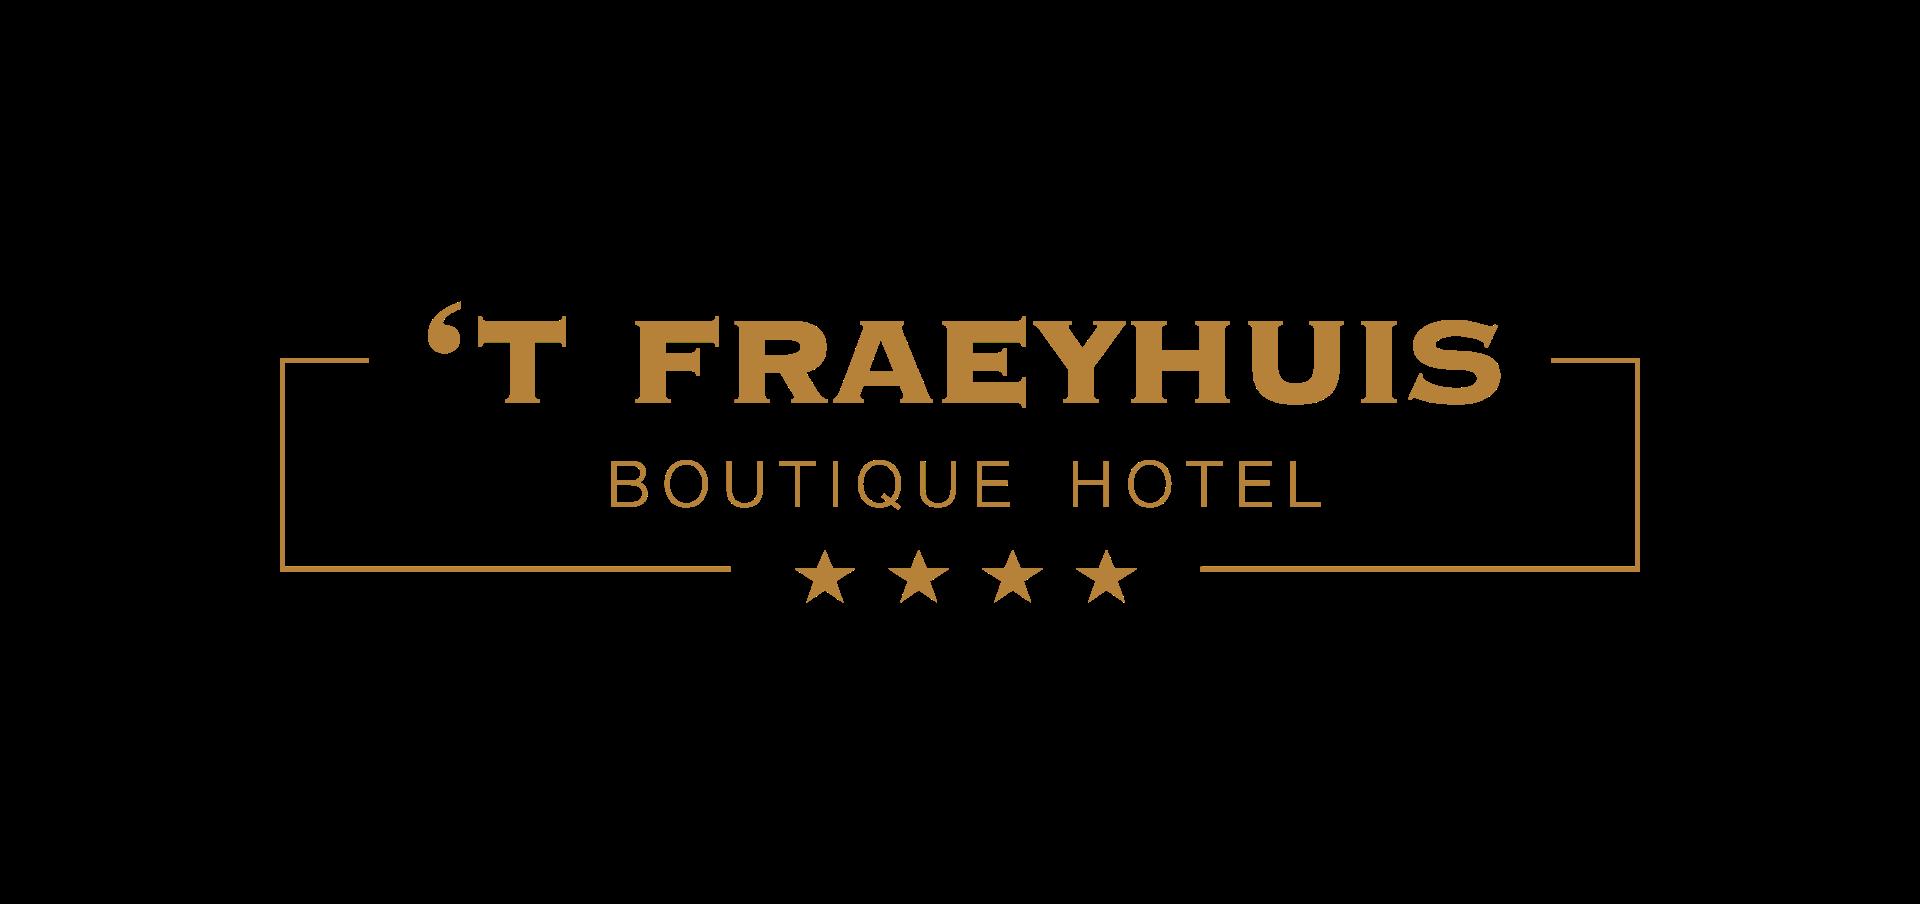 Boutique Hotel 't Fraeyhuis